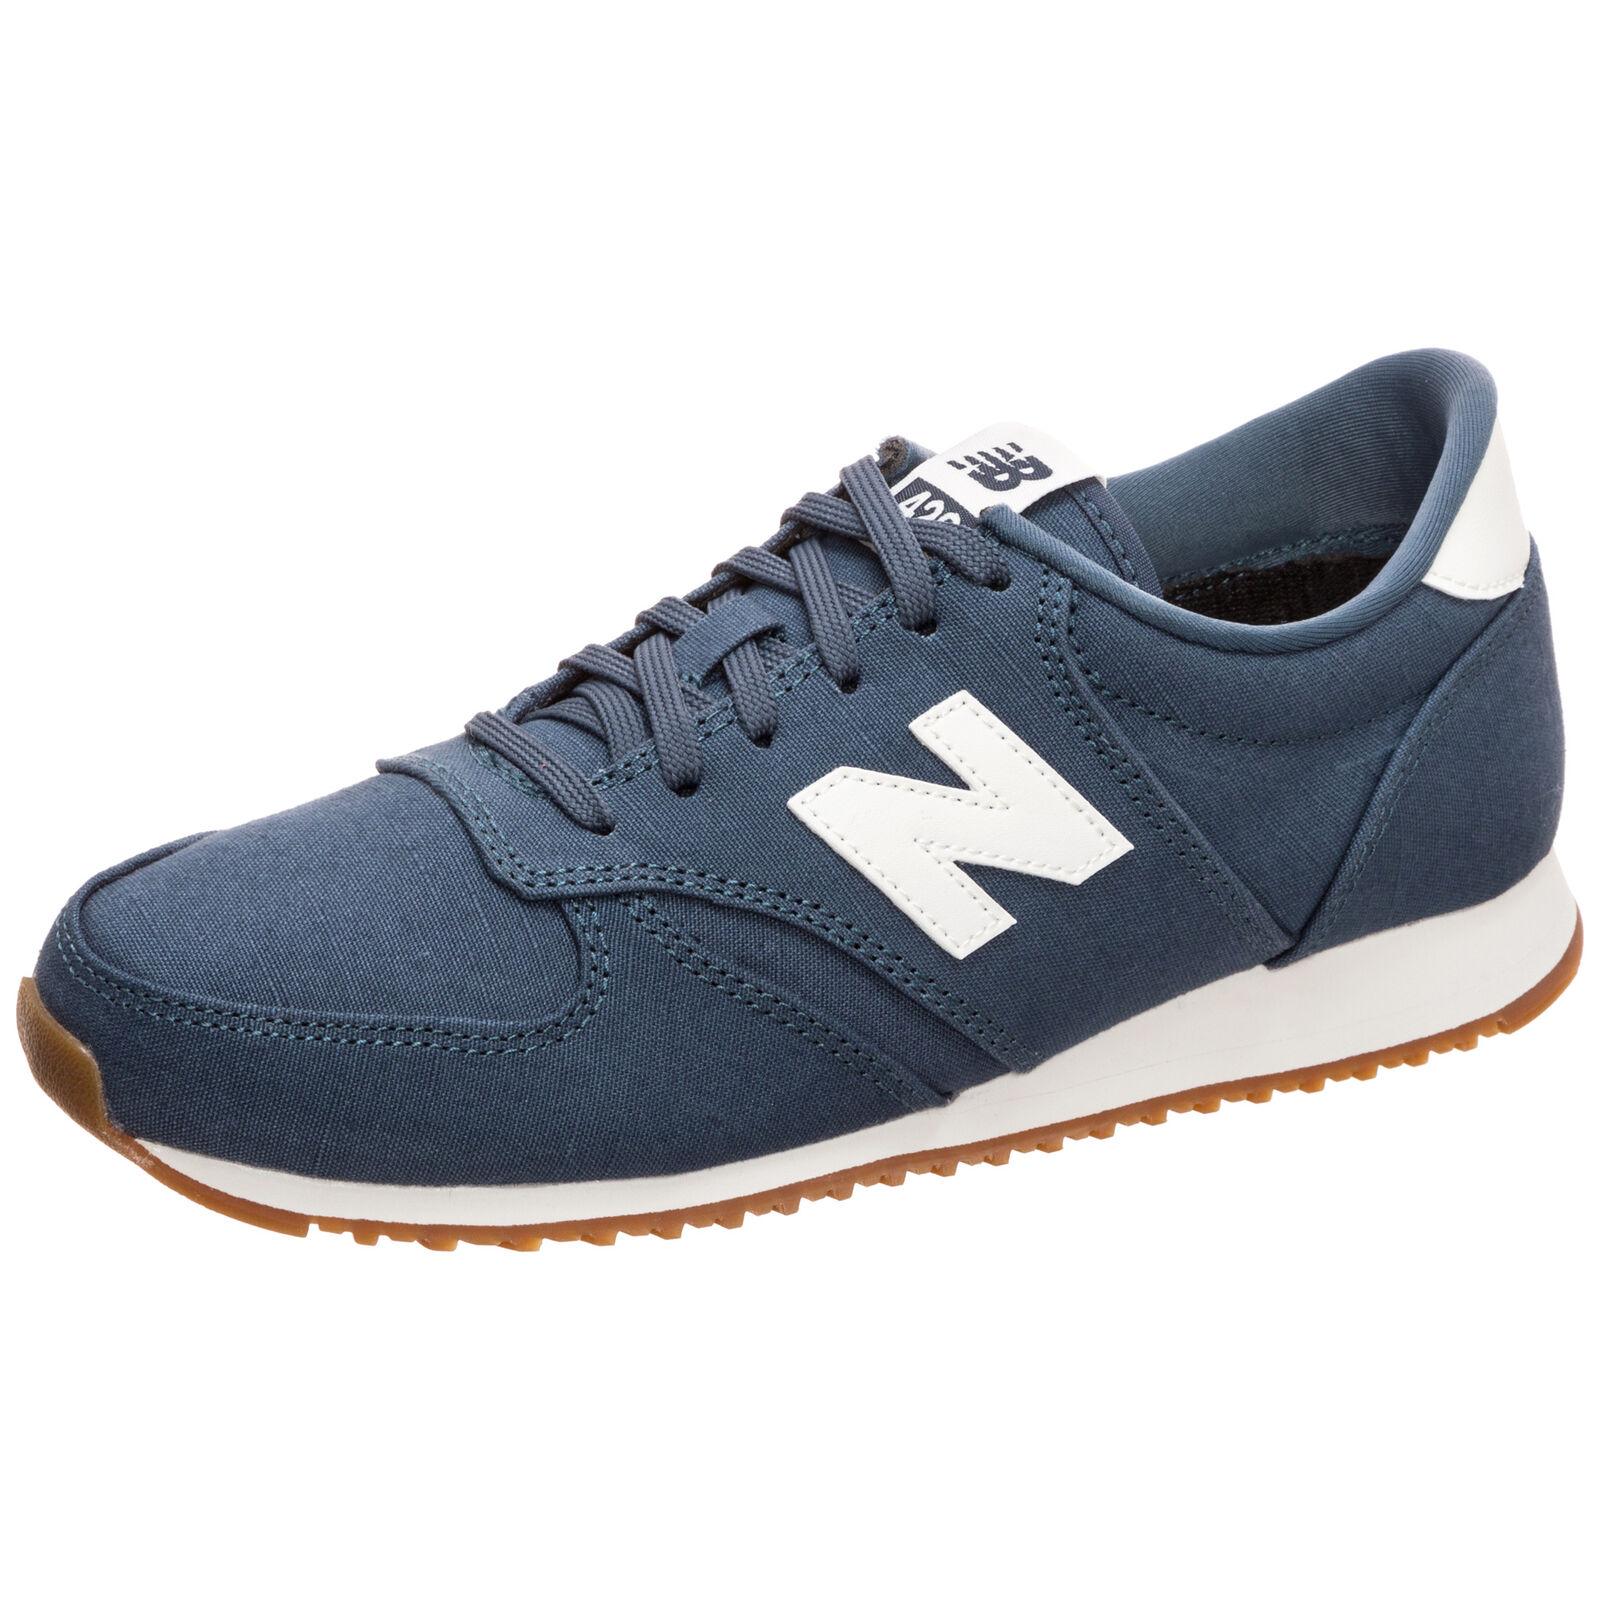 3b33b0538c NEW Nike Air Max Fury Running Running Running Mens Shoes Black White AA5739- 001 92f214 ...